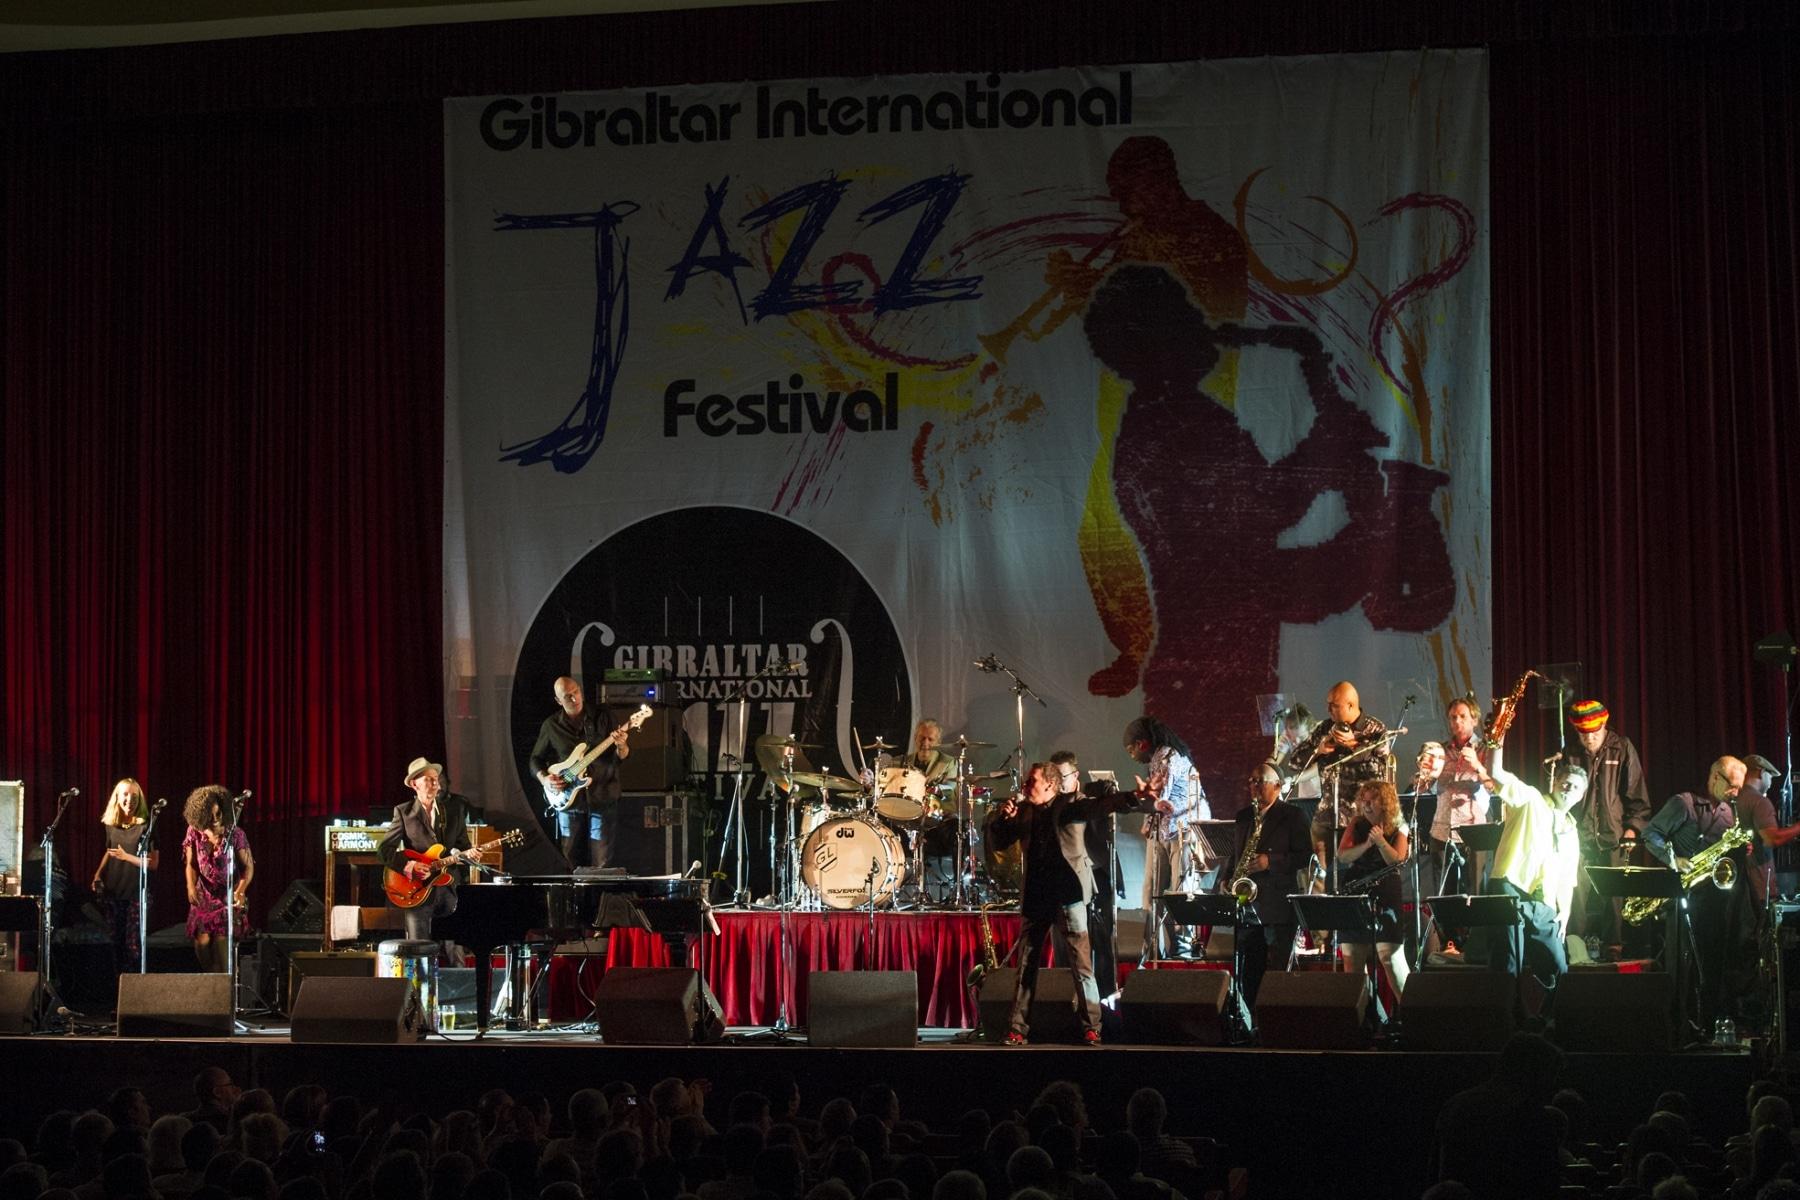 ii-festival-internacional-de-jazz-gibraltar15_10382450554_o